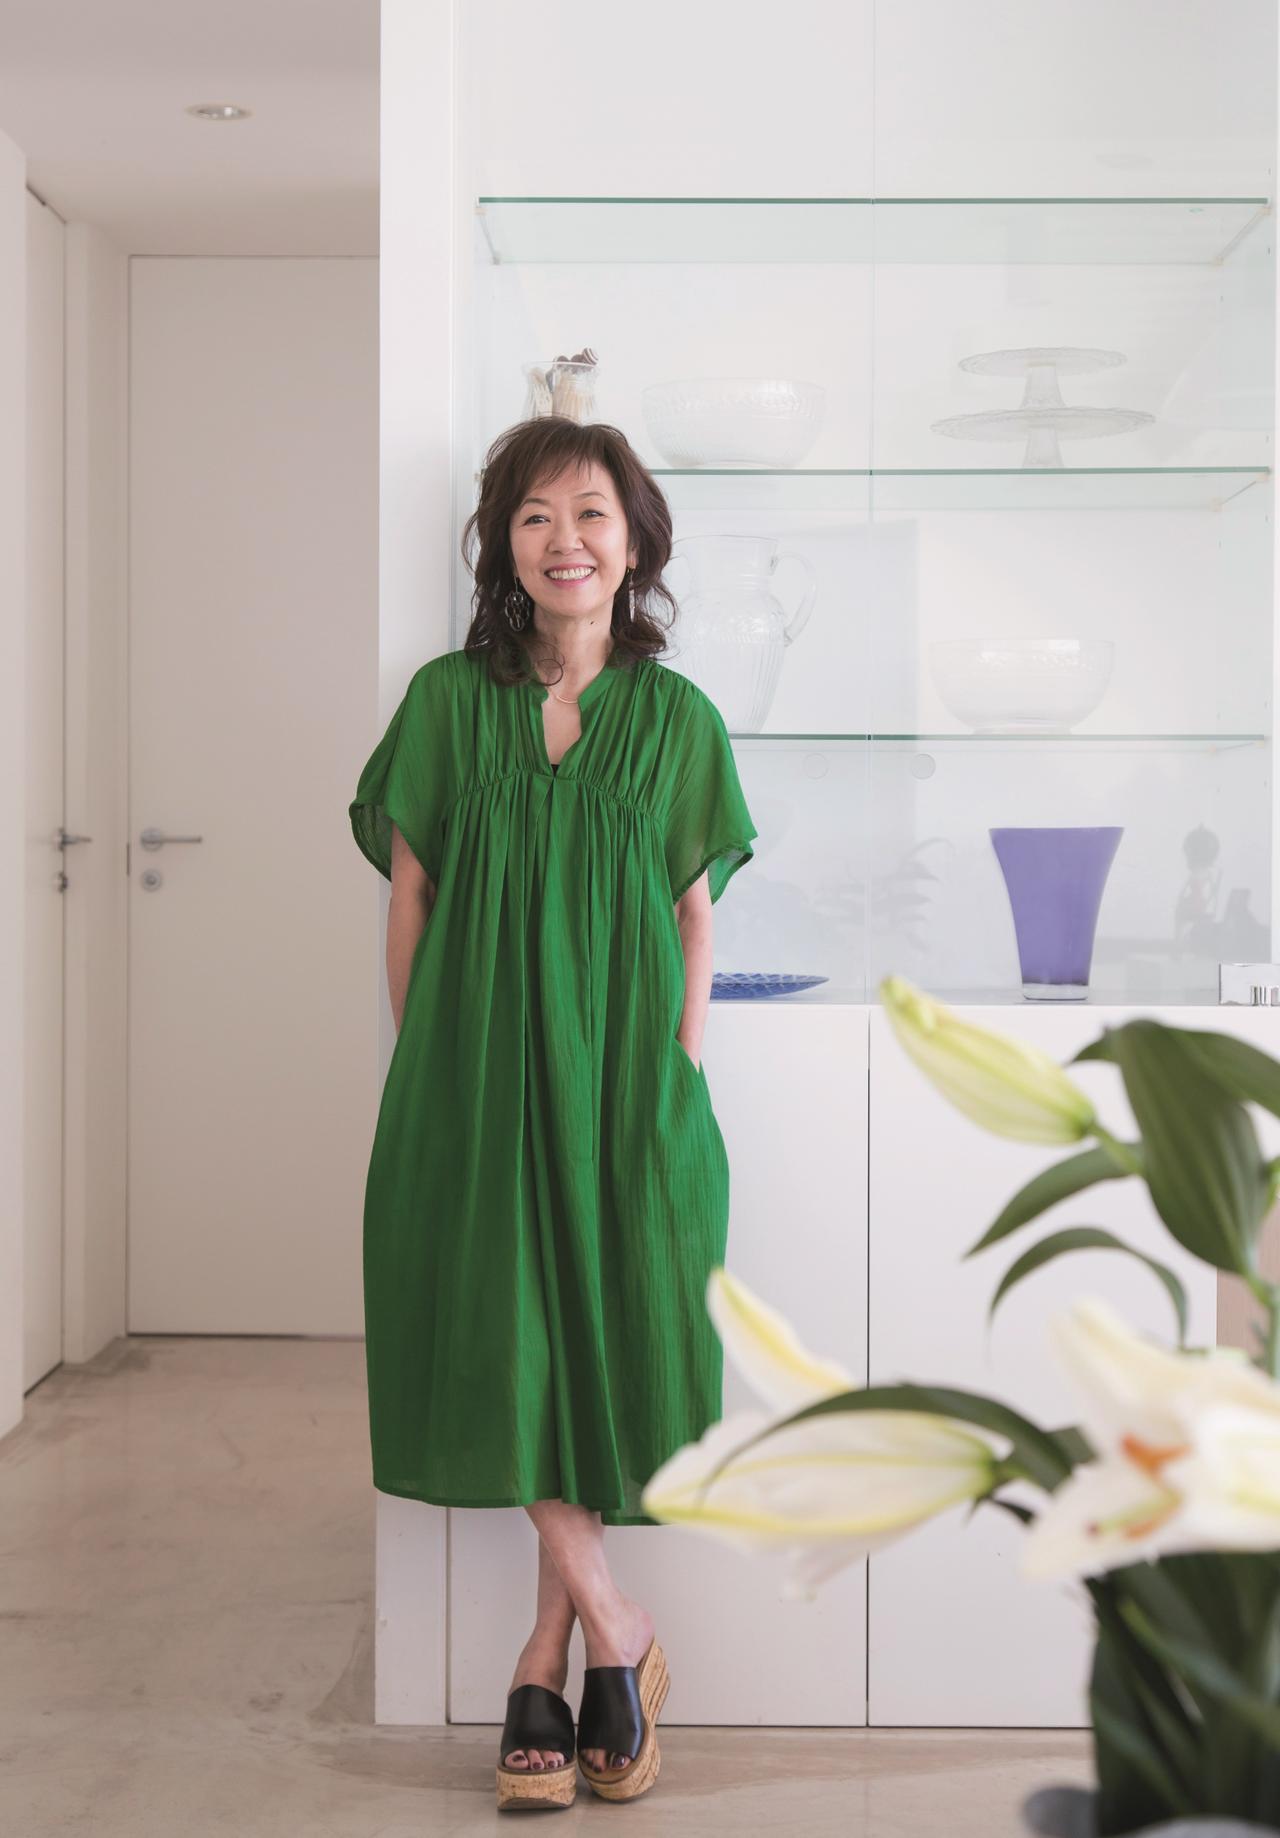 """Images : 2番目の画像 - 「年齢を超えて """"ずっと美しい""""人たちの エイジング哲学に学ぶ」のアルバム - T JAPAN:The New York Times Style Magazine 公式サイト"""